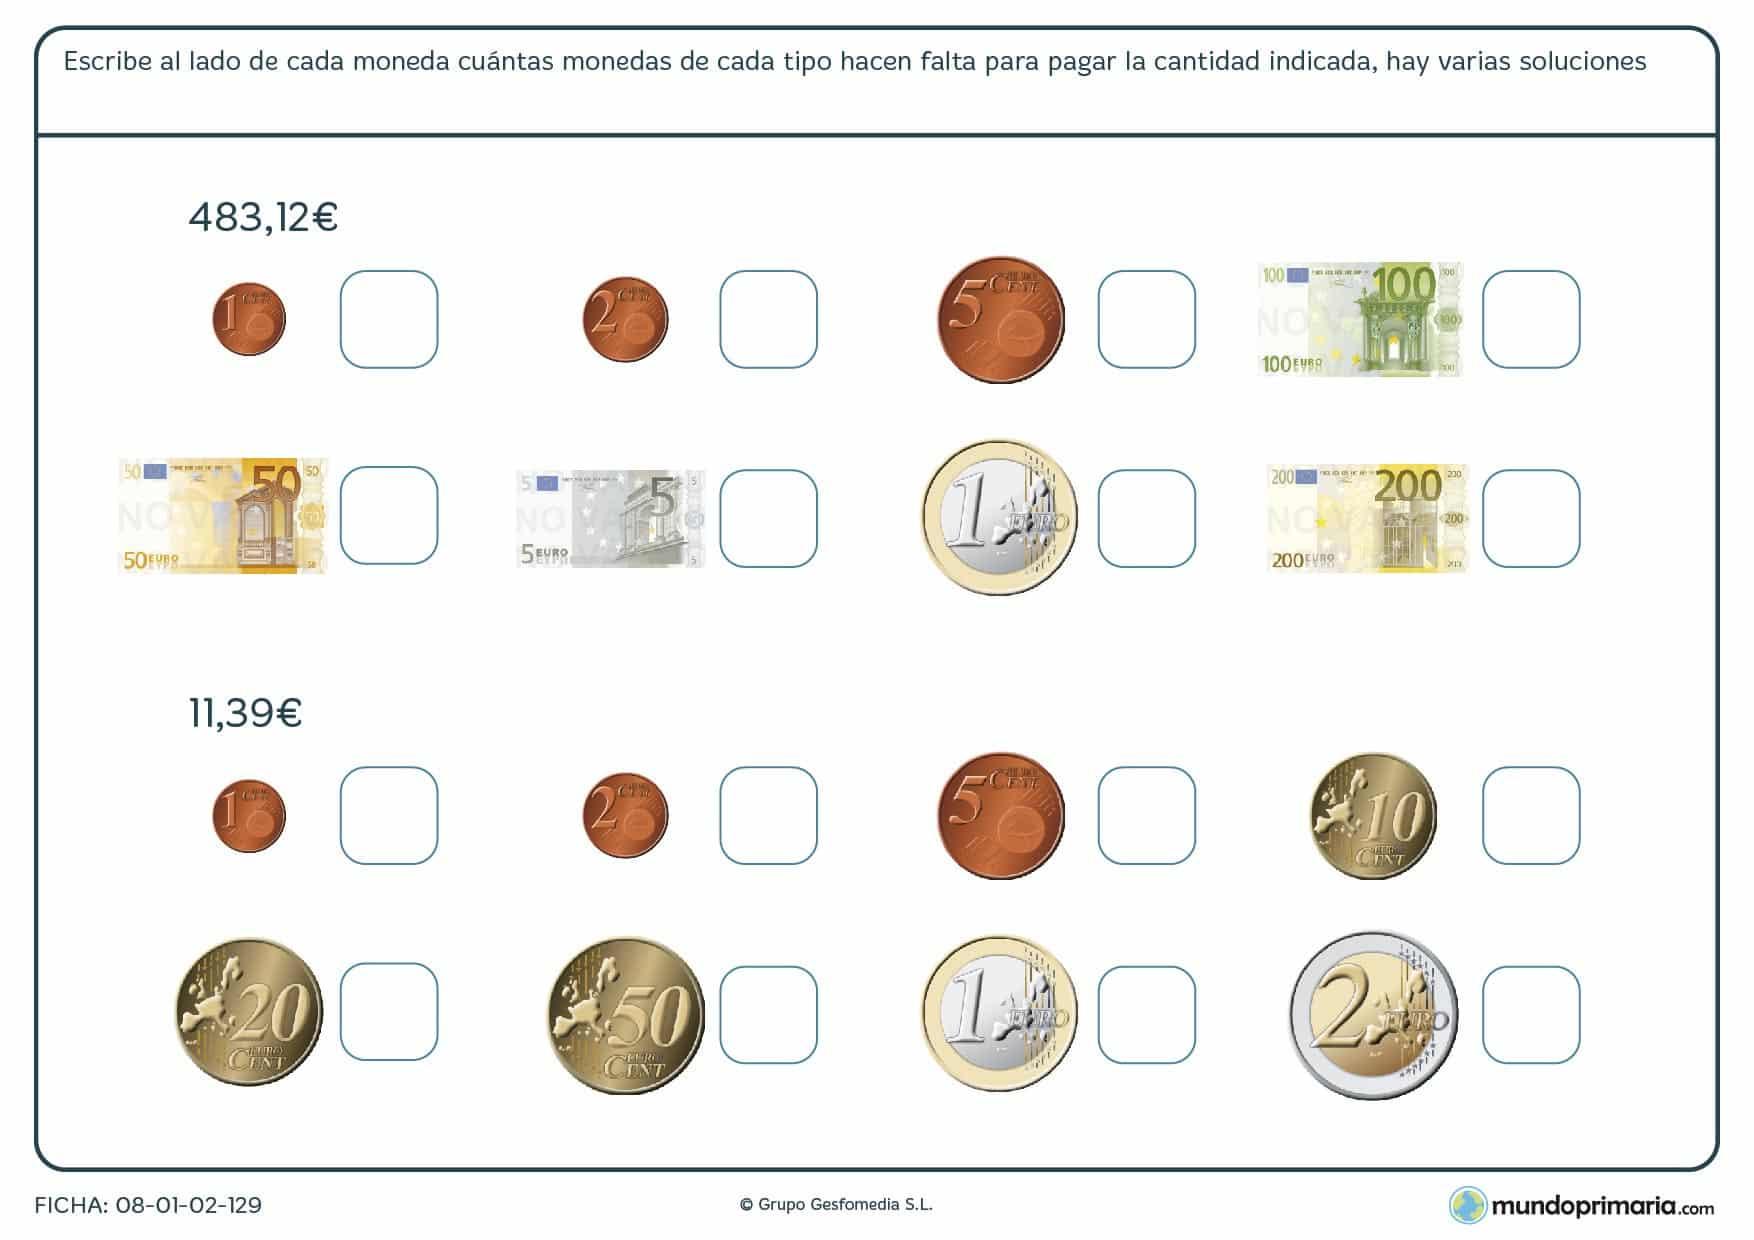 Ficha de manejar euros para con ellos llegar a la cantidad que te pedimos.